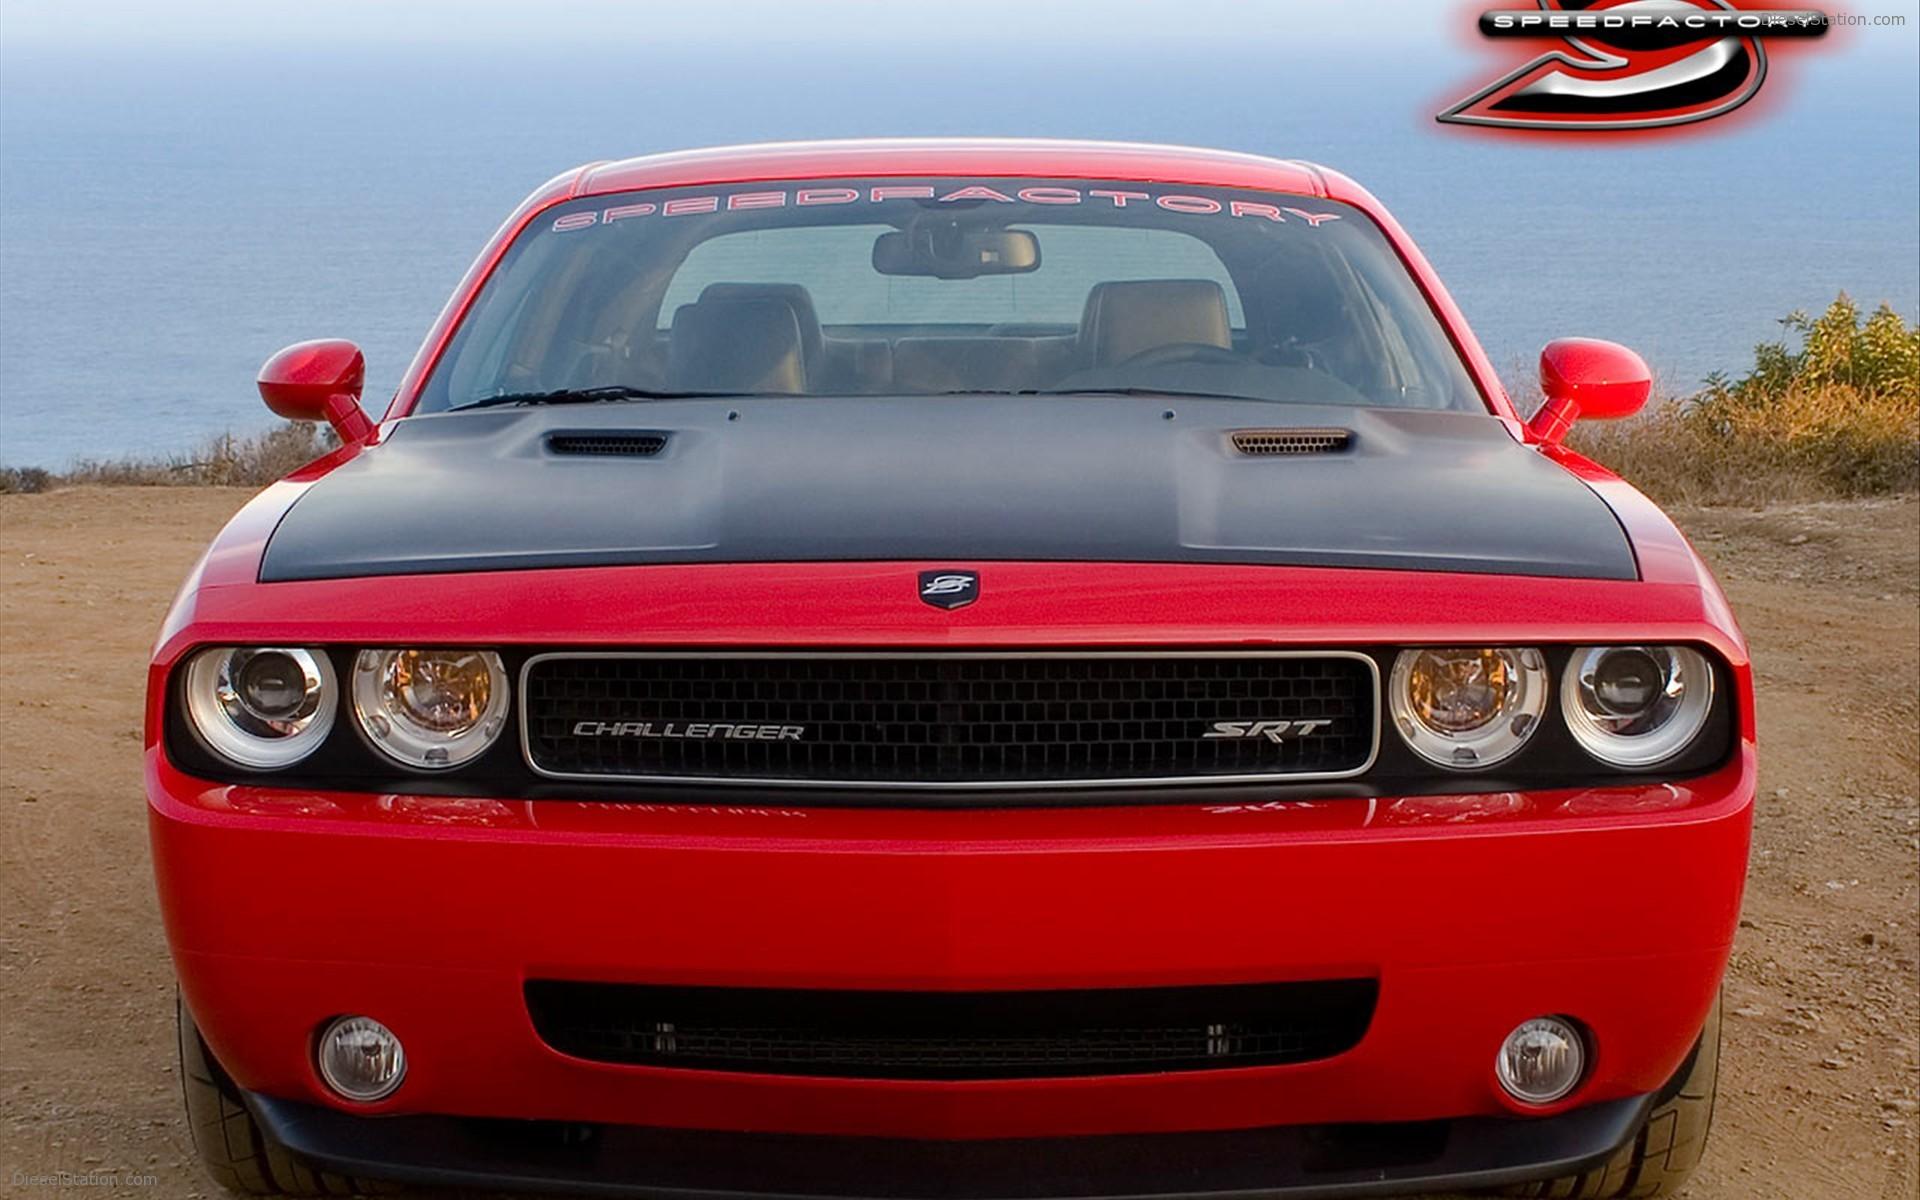 Speedfactory Dodge Challenger Widescreen Exotic Car Image 04 of 22 1920x1200